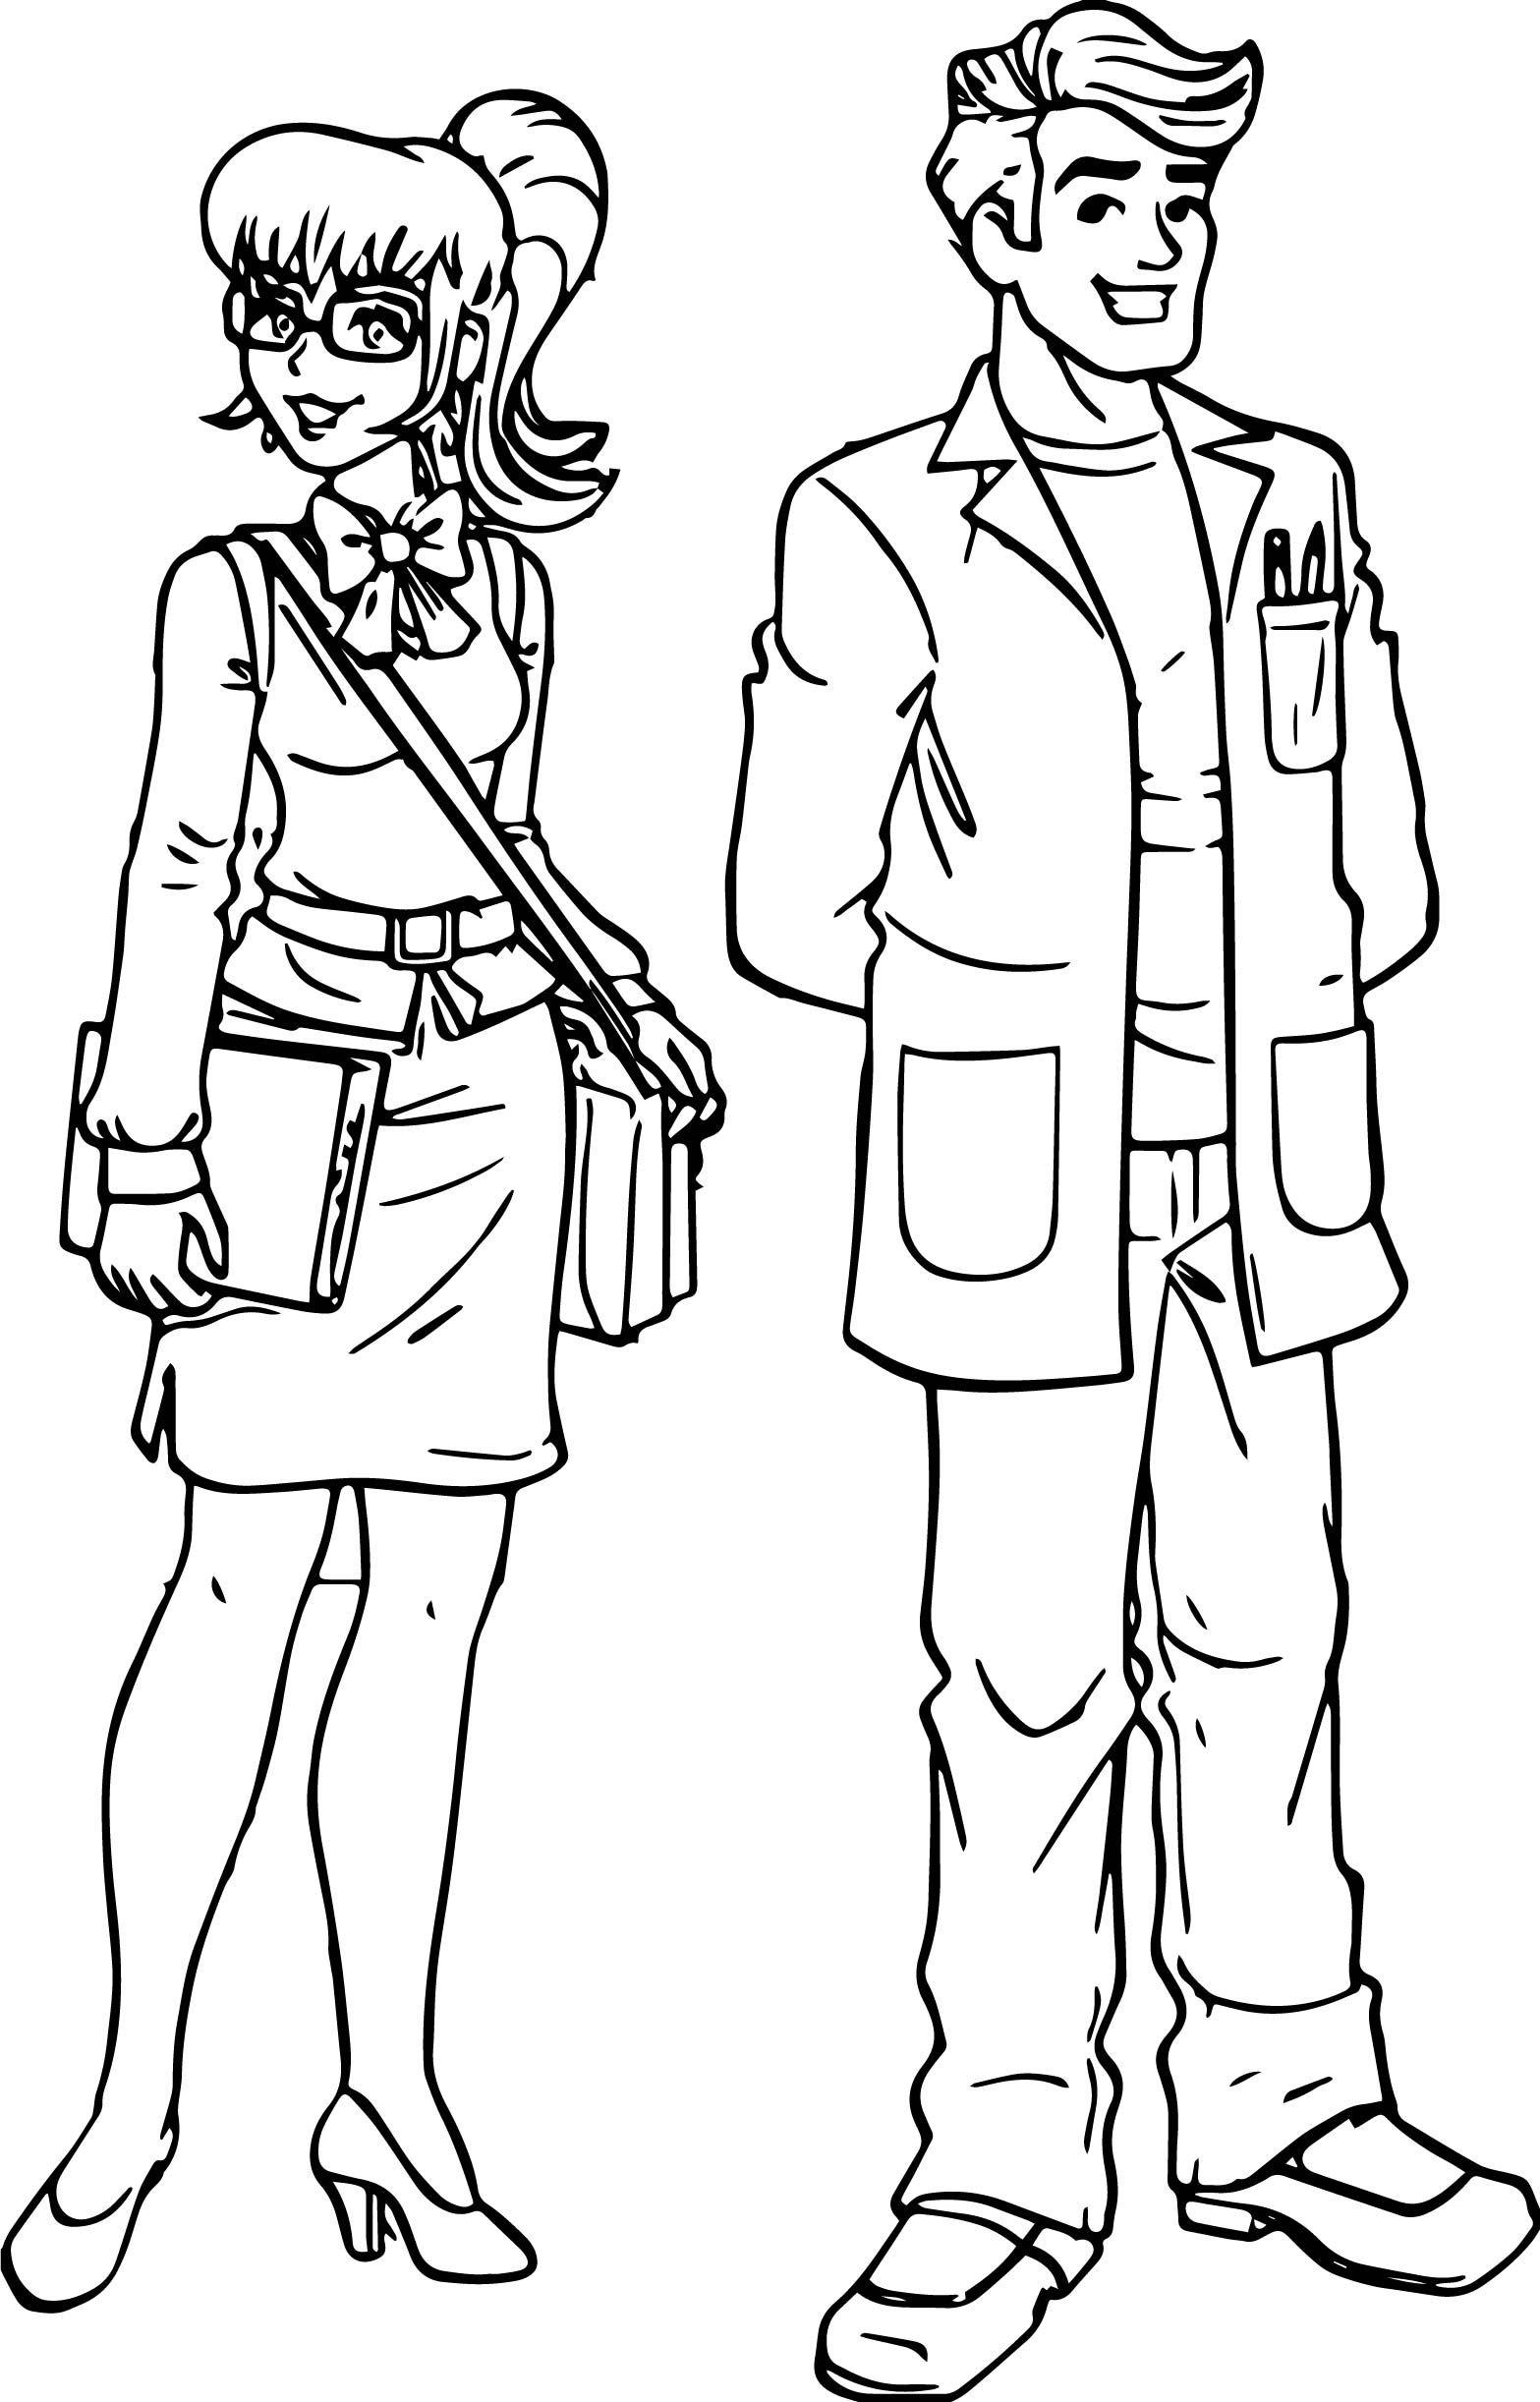 Woman Teacher Monica And Man Teacher Coloring Page Coloring Pages For Boys Coloring Pages Color